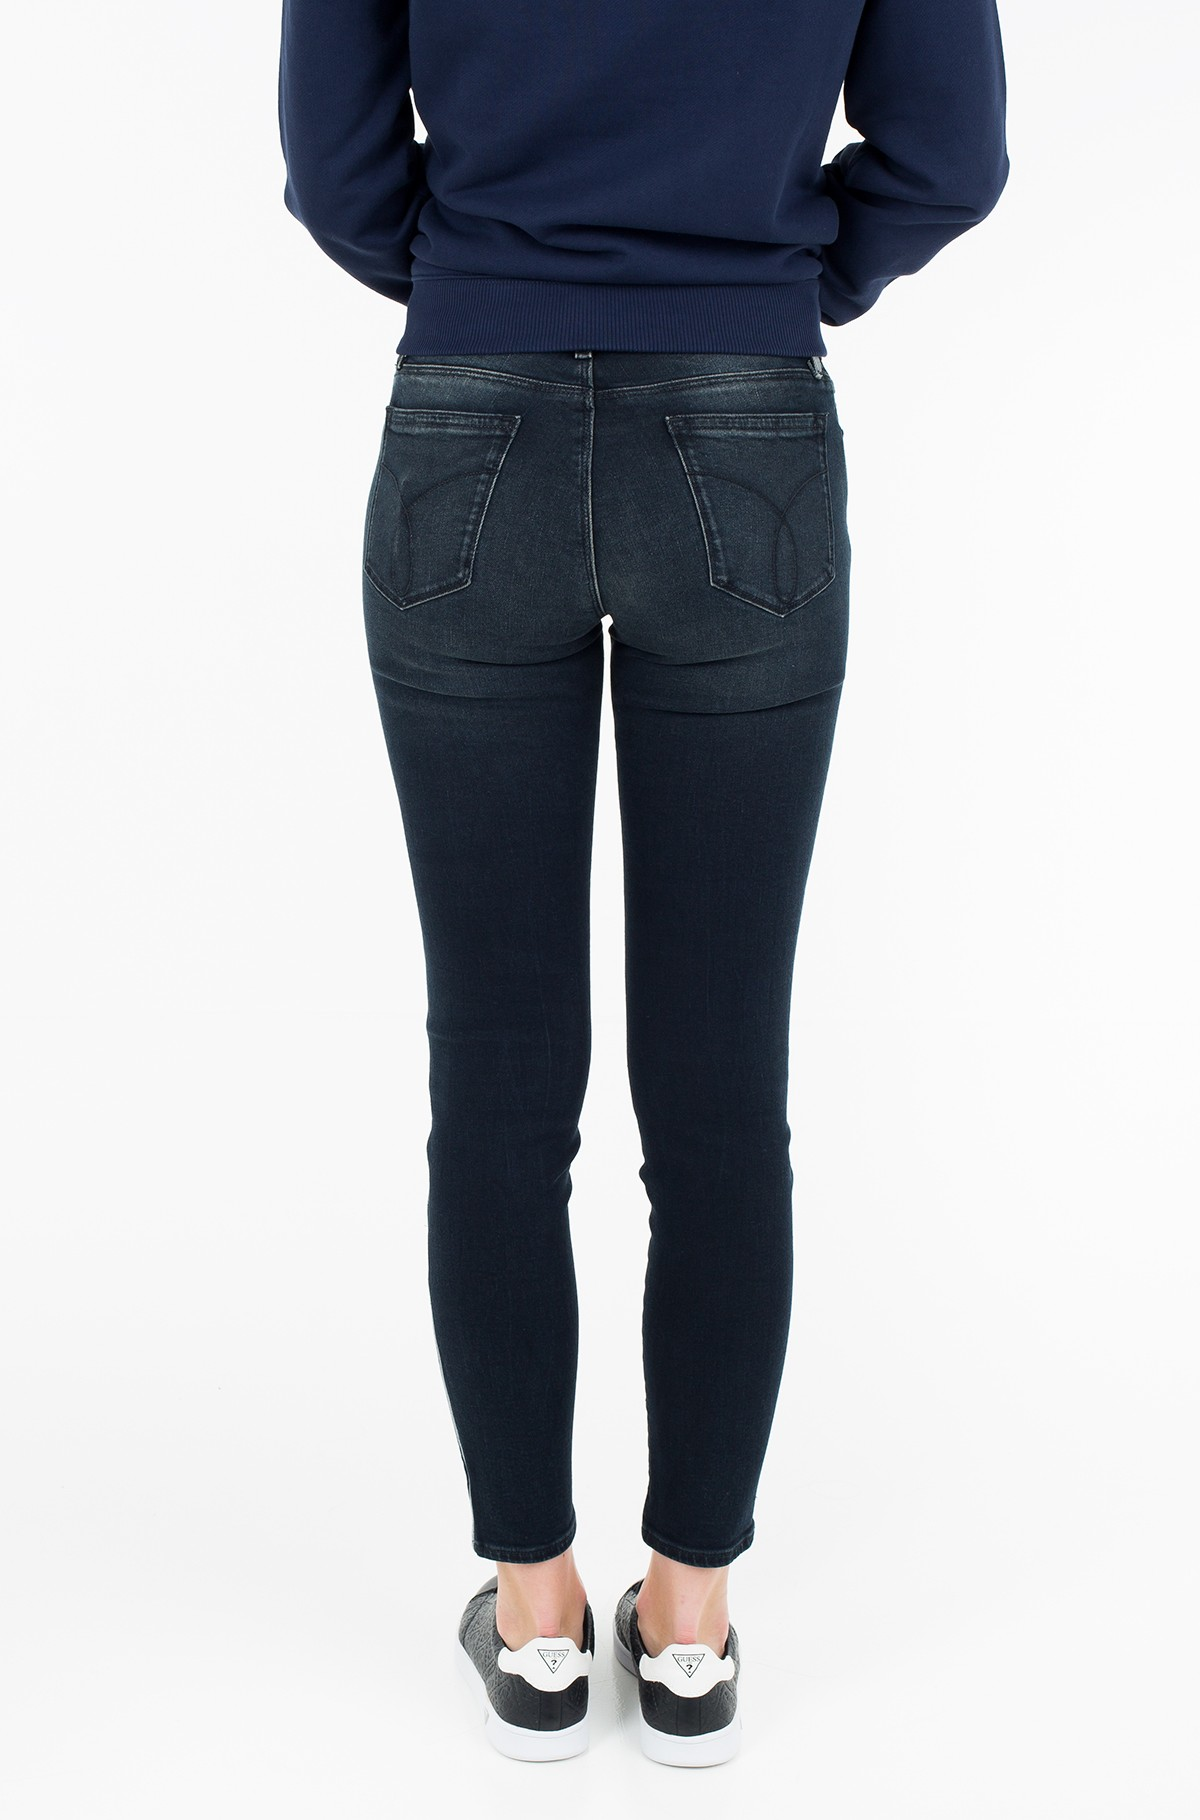 Džinsinės kelnės Mid Rise Skinny Ankle - Blackwater Embro-full-2